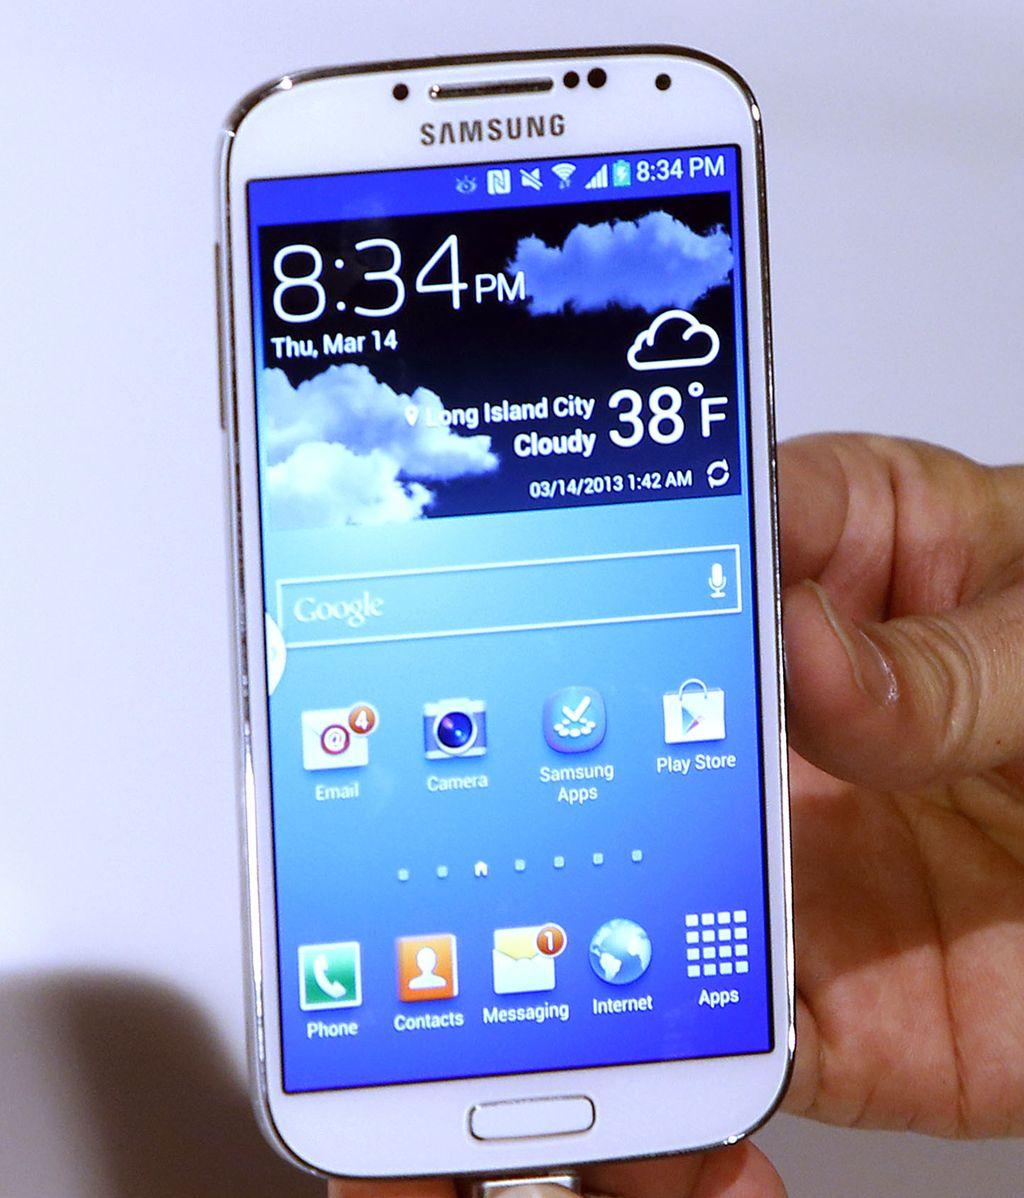 Todo lo que puedes hacer con tu Samsung Galaxy S IV con solo mirarlo